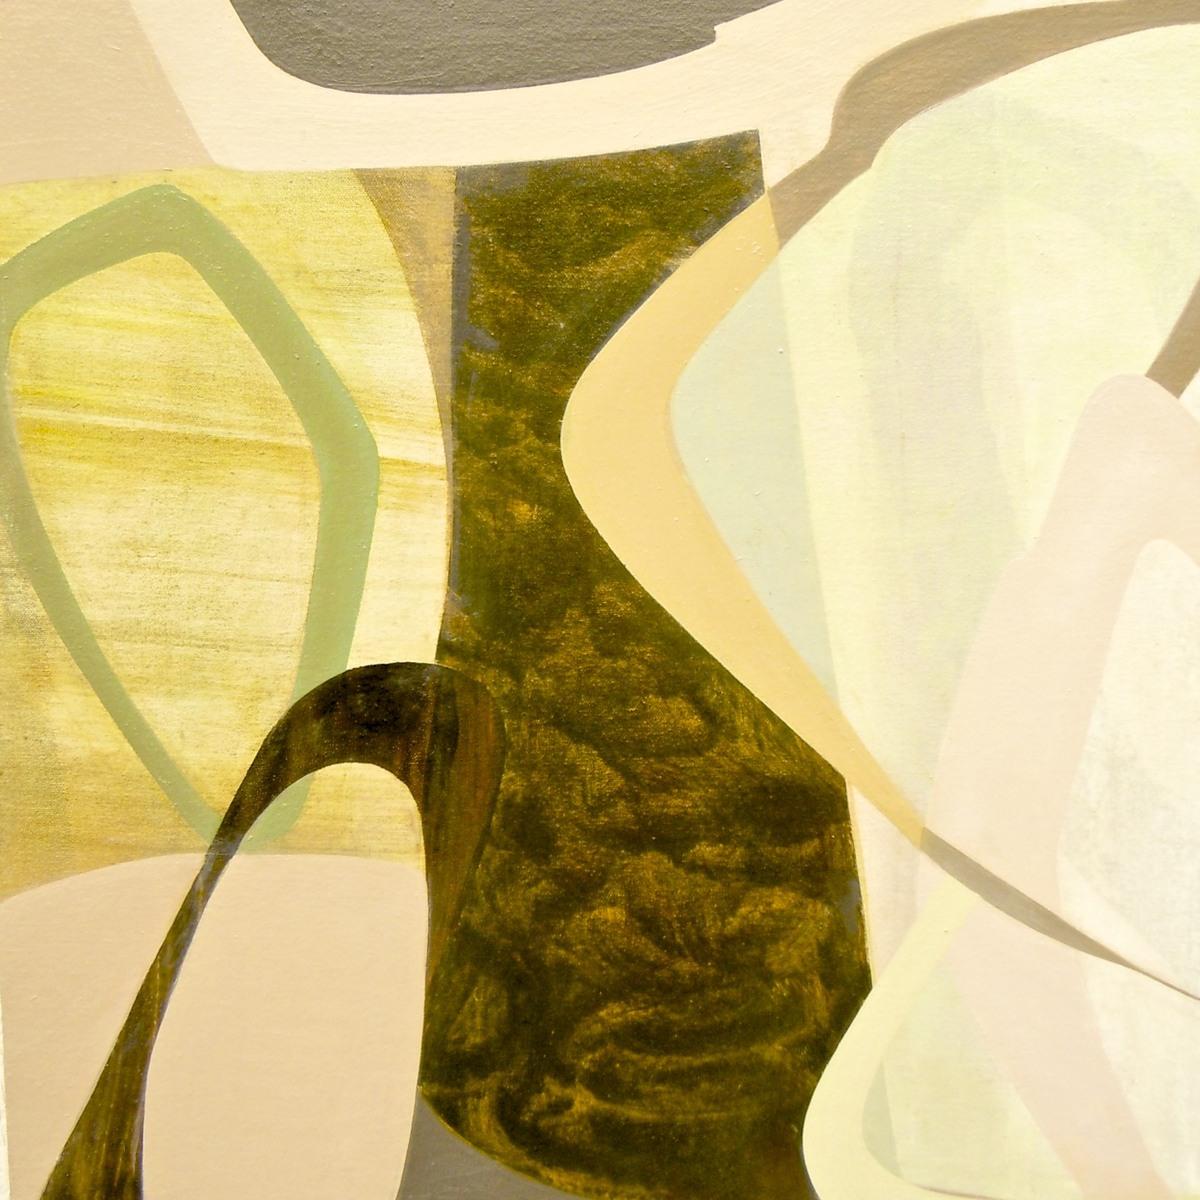 2011 Paintings